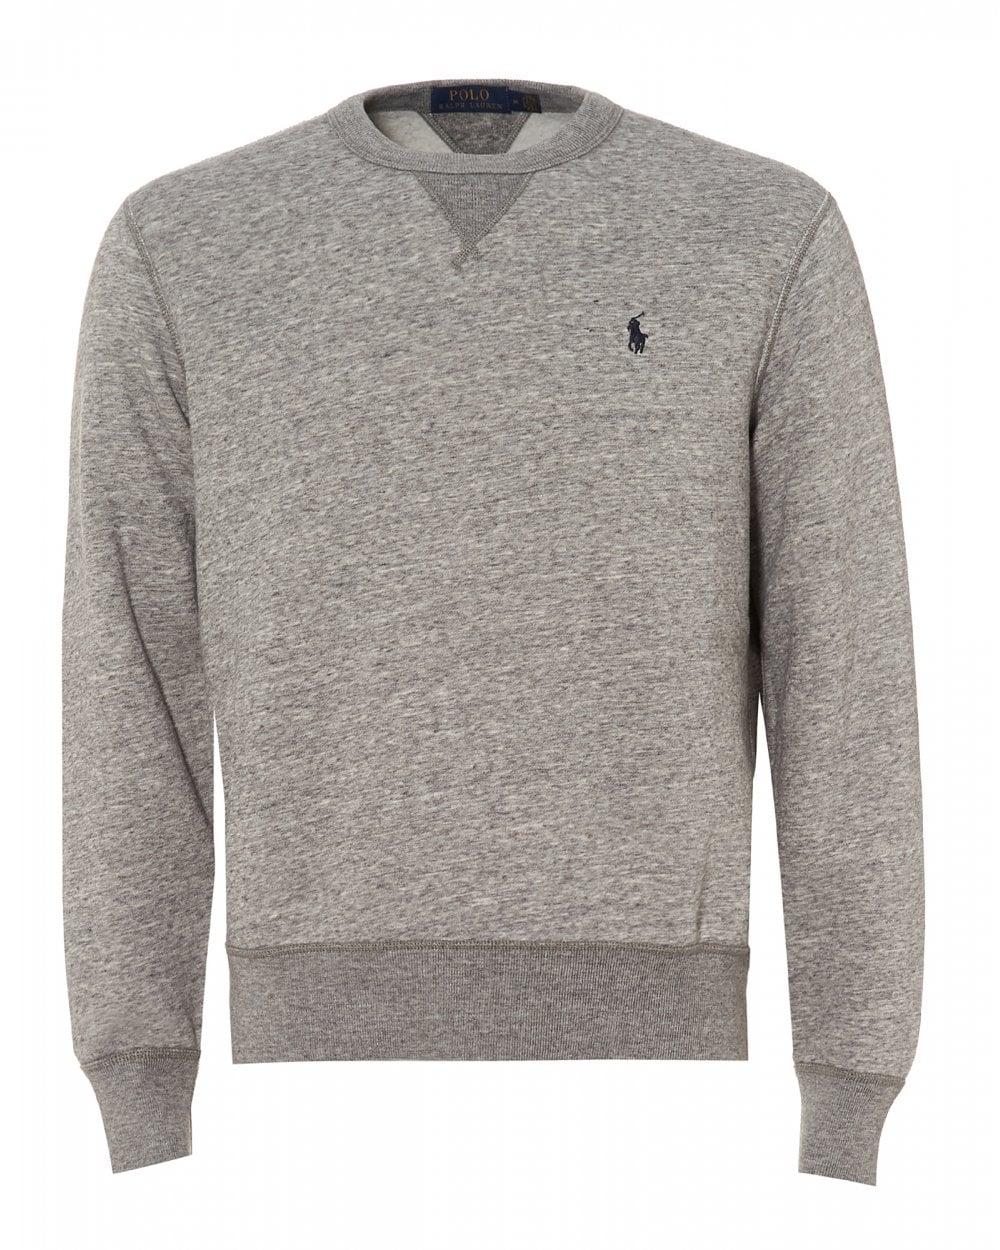 da85033df8a37 Ralph Lauren Mens Magic Fleece Sweatshirt, Grey Dark Vintage ...